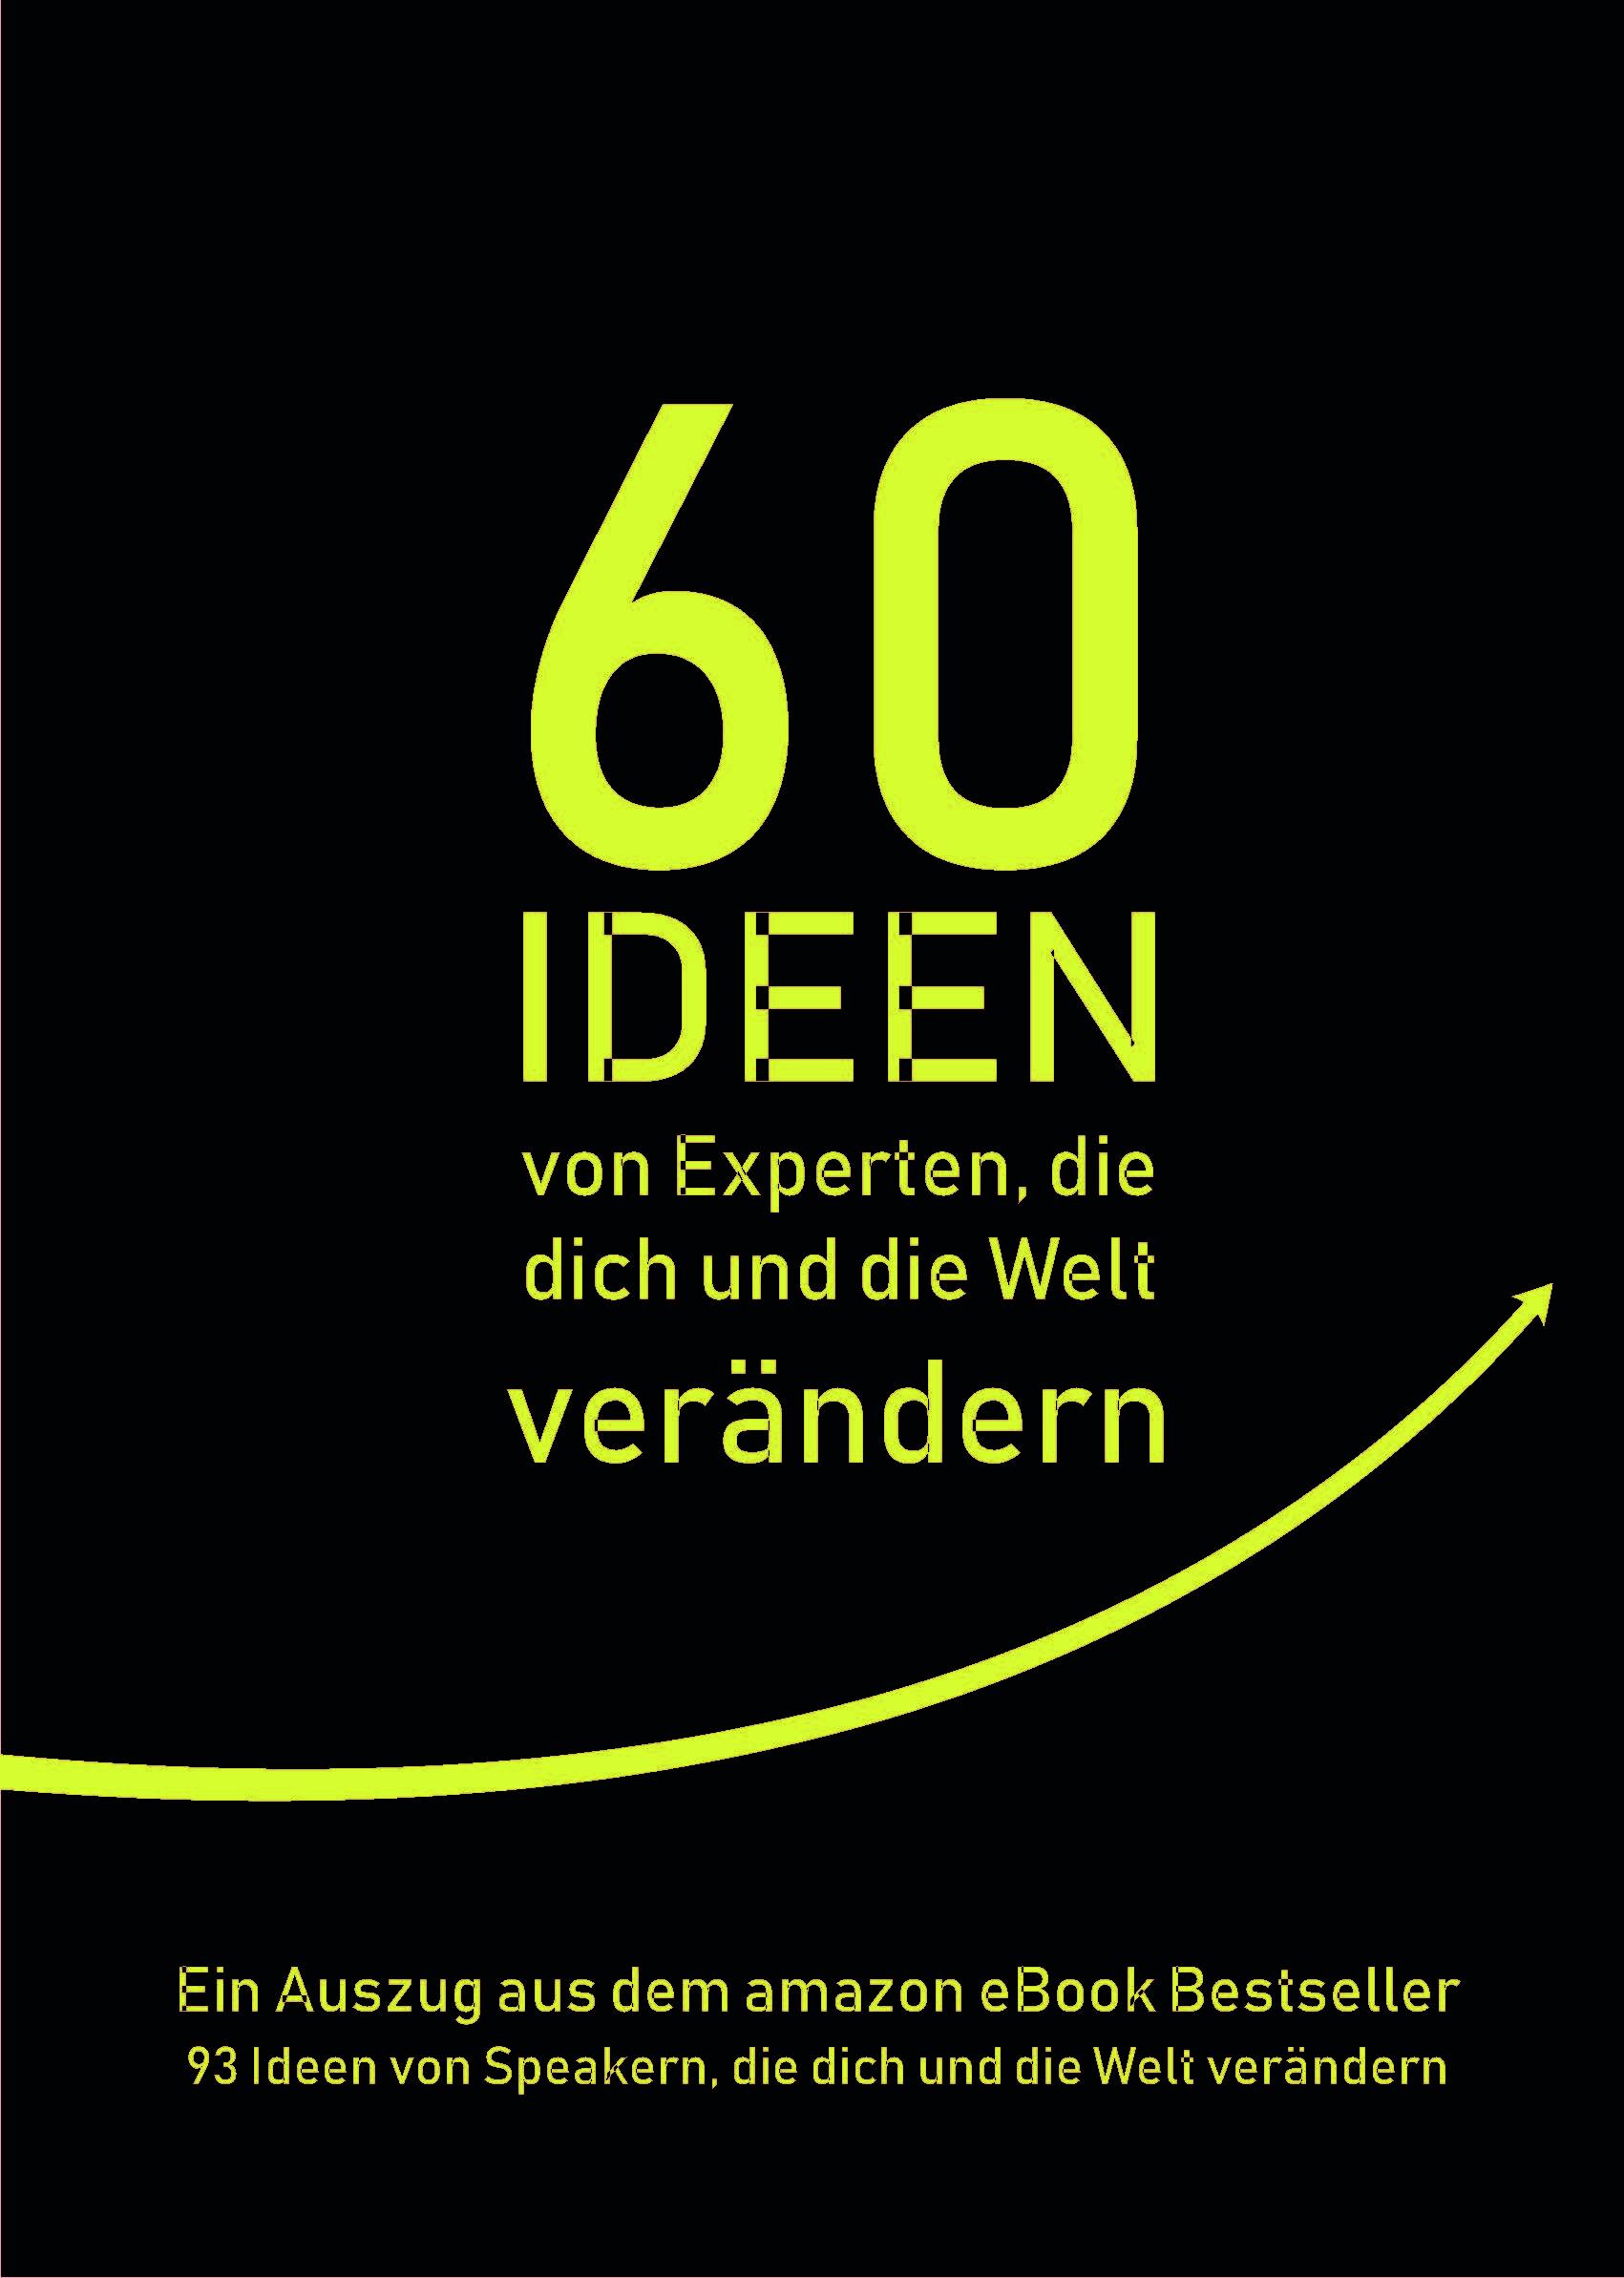 Expert Marketplace -  Armin Leinen  - 60 Ideen von Experten, die dich und die Welt verändern